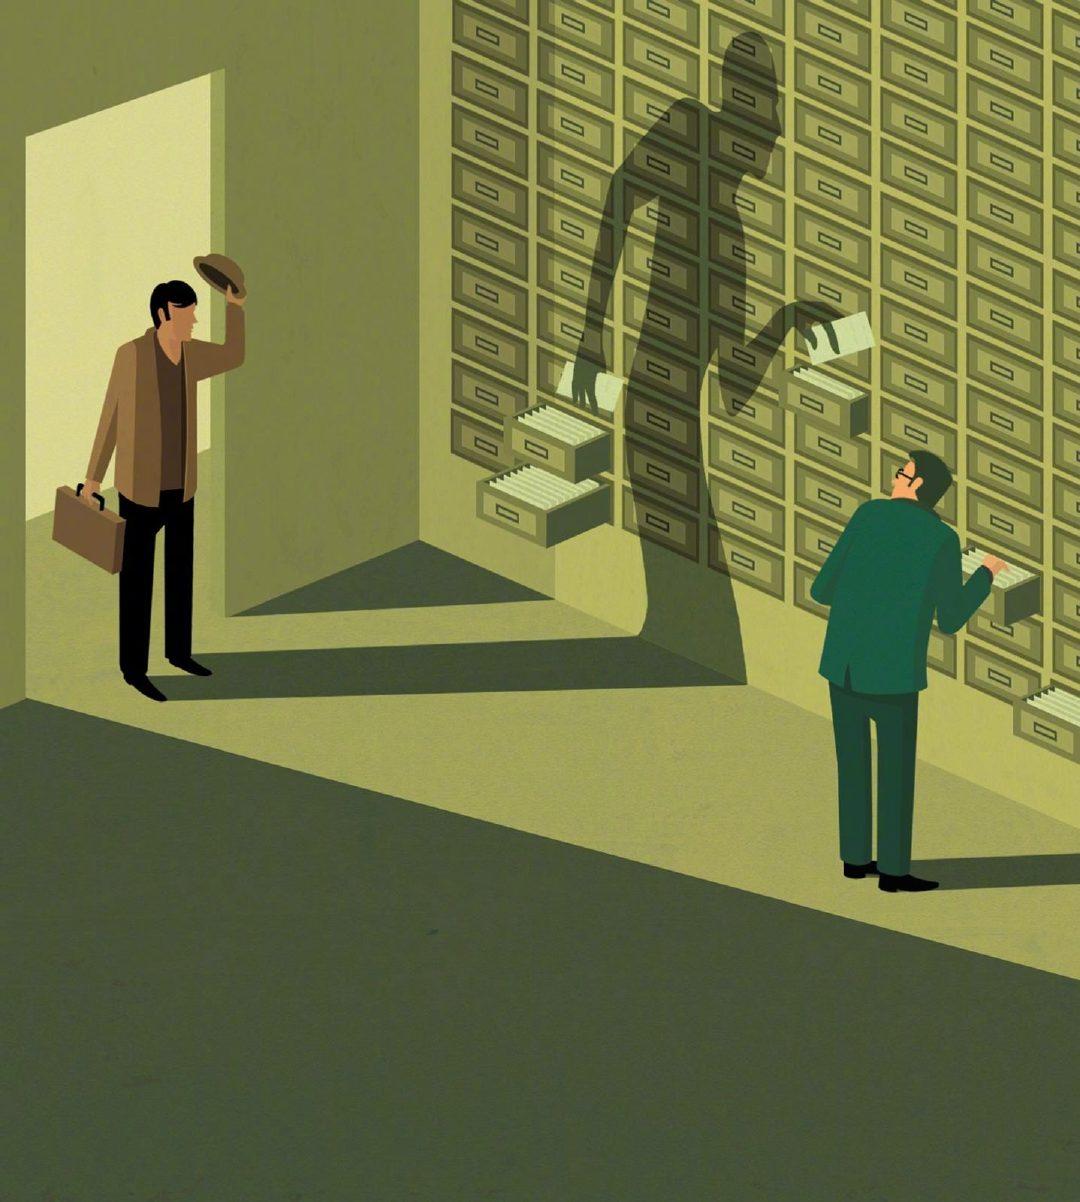 来自插画师 Stephan Schmitz 绘画作品  www.stephan-schmitz.ch